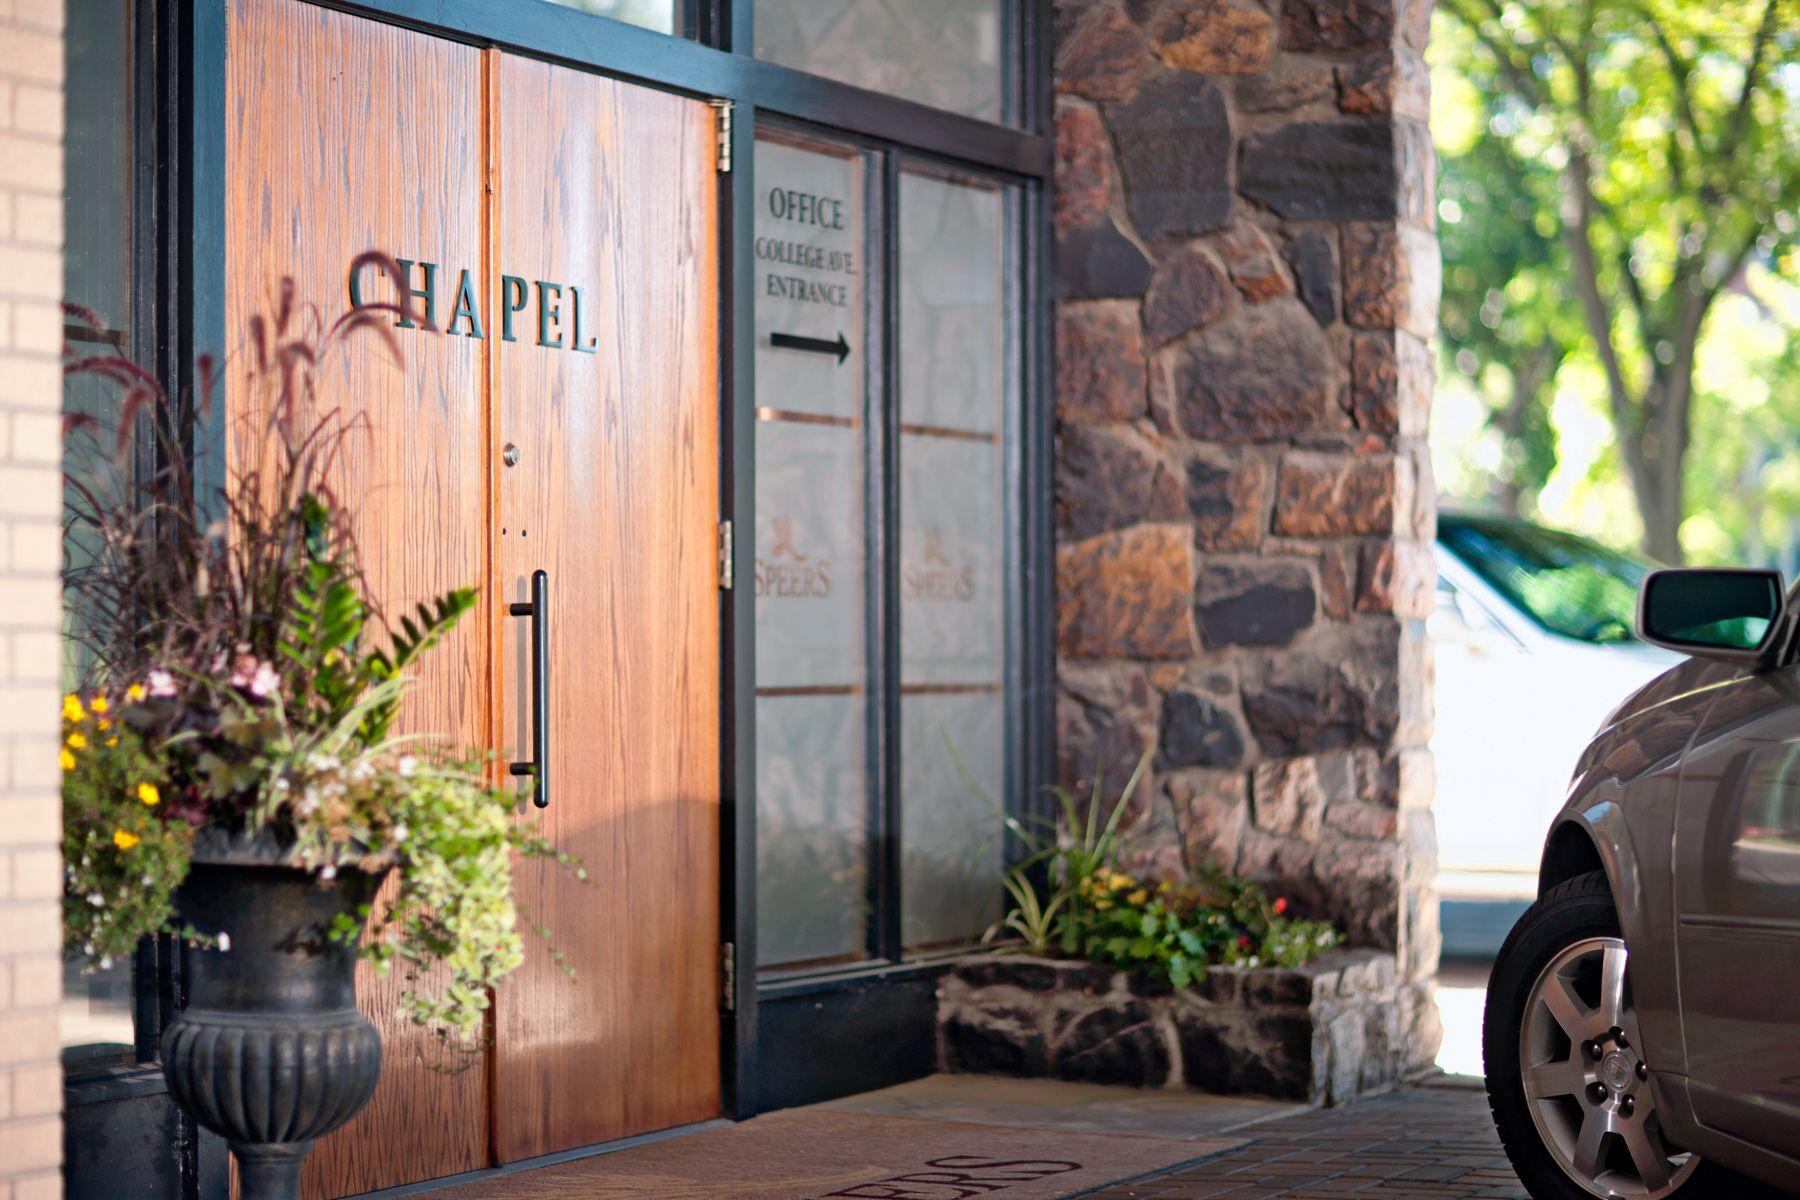 chapel of tyler memorial funeral home